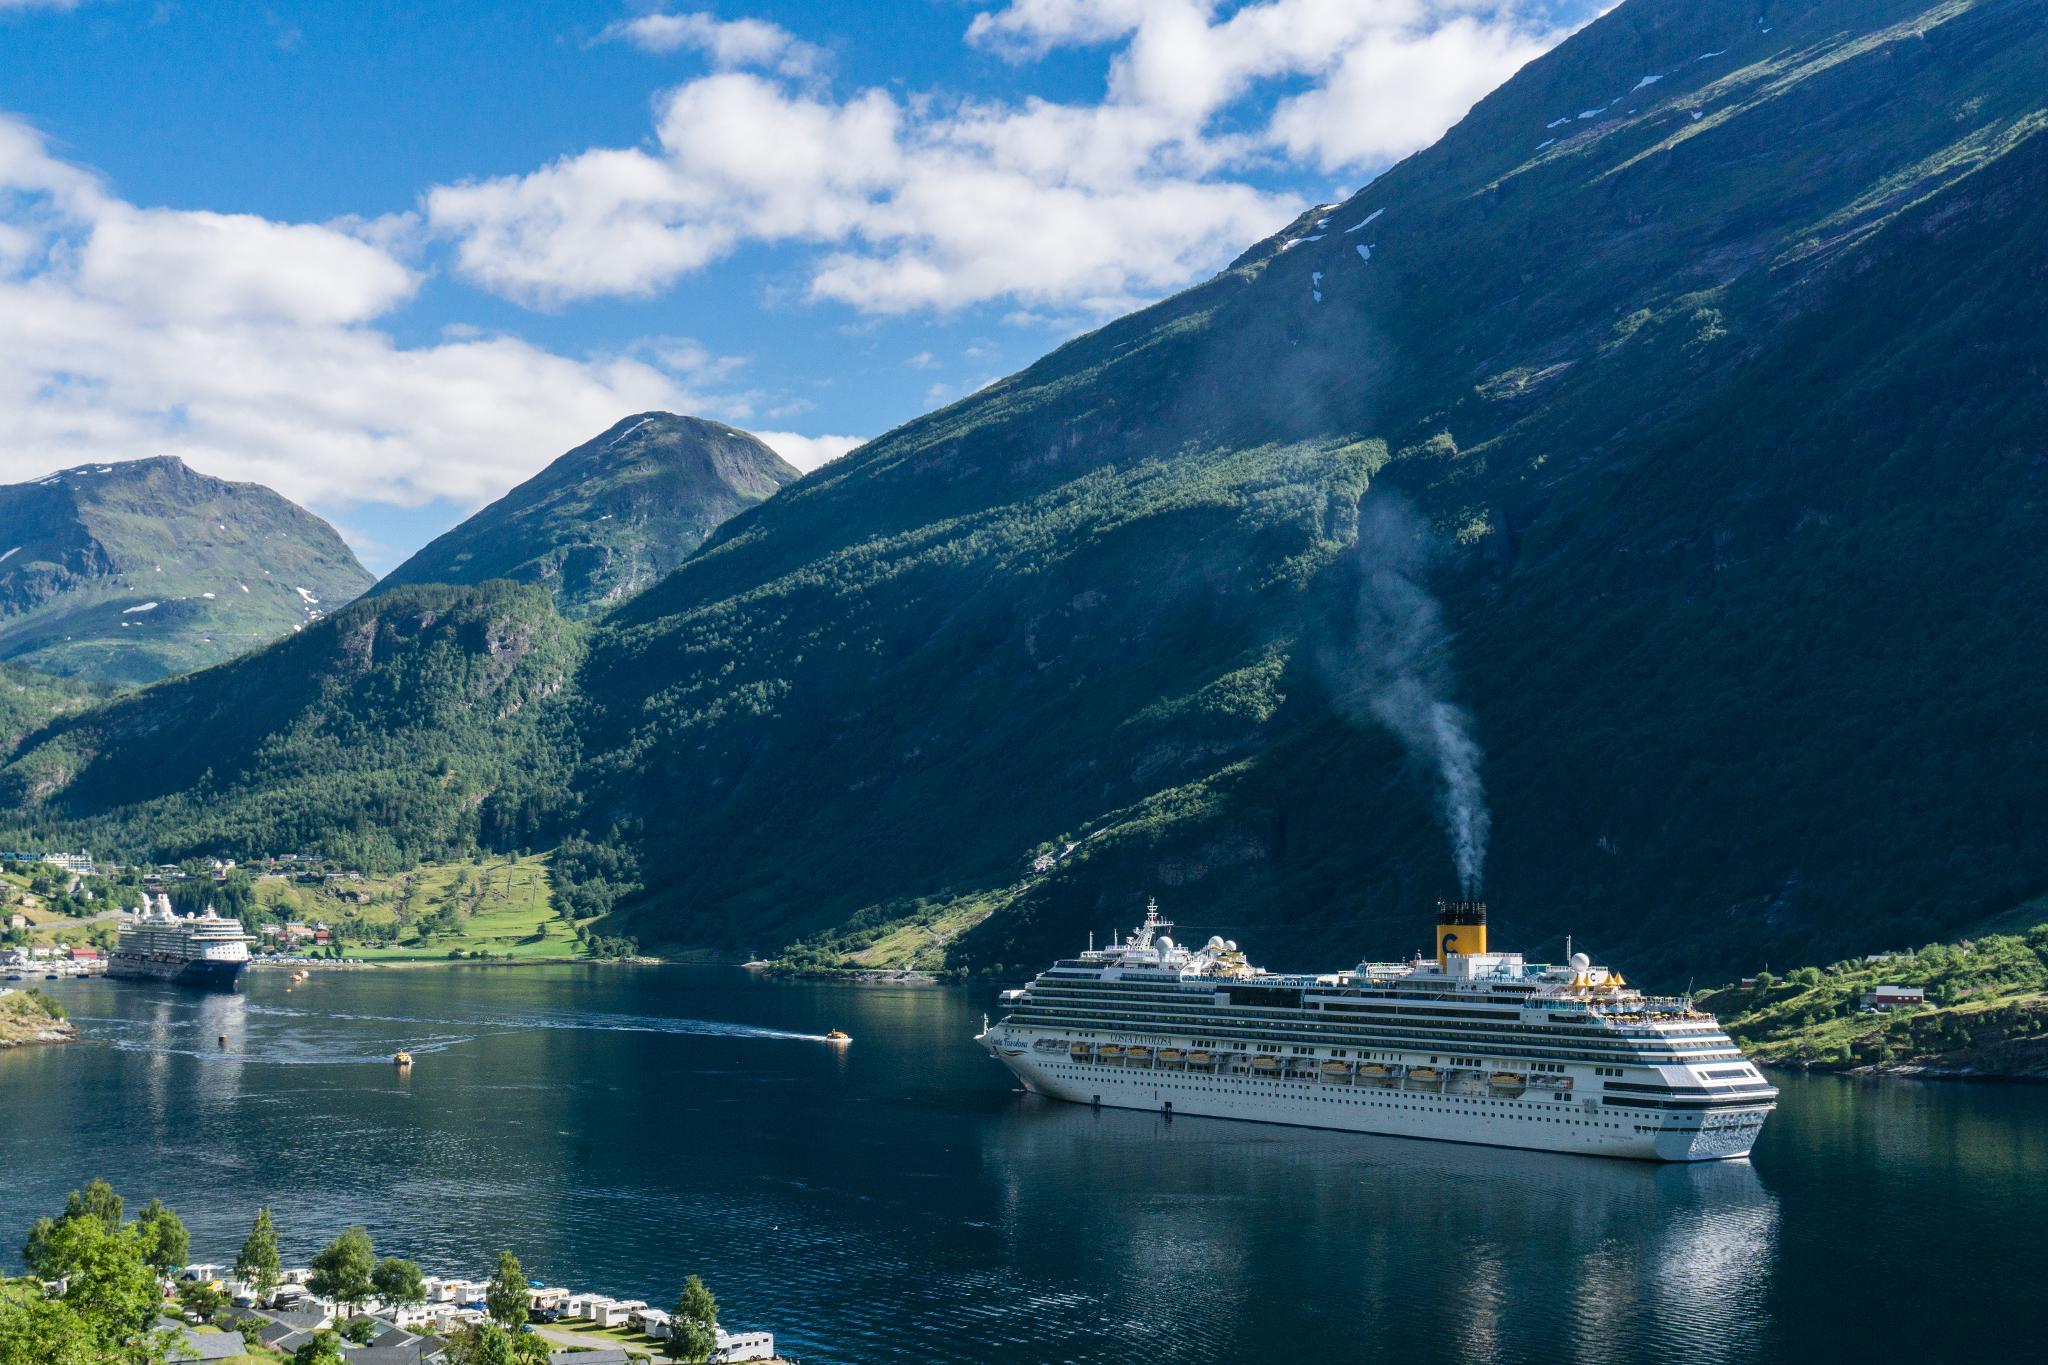 【北歐景點】Ørnesvingen 老鷹之路 ∣ 挪威世界遺產 — 蓋倫格峽灣景點總整理 15